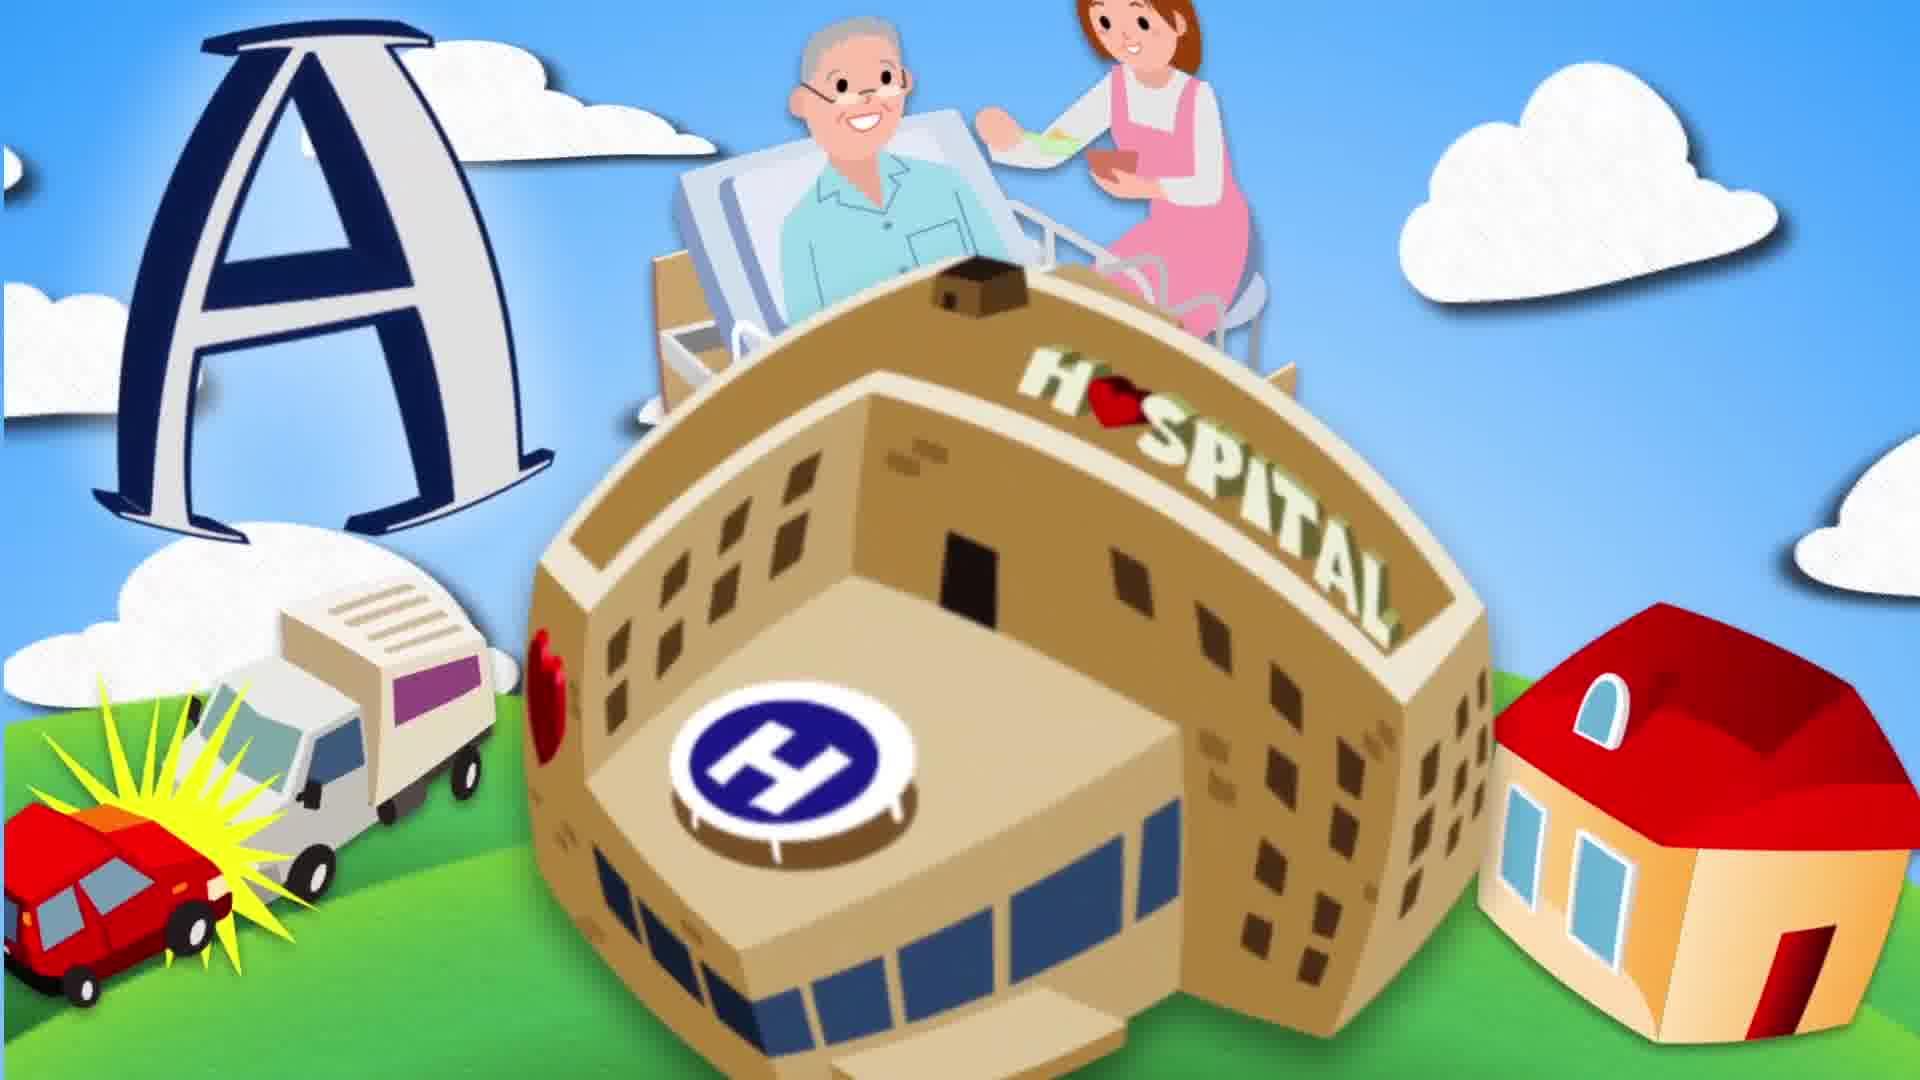 Senior Supplemental Insurance in Wisco